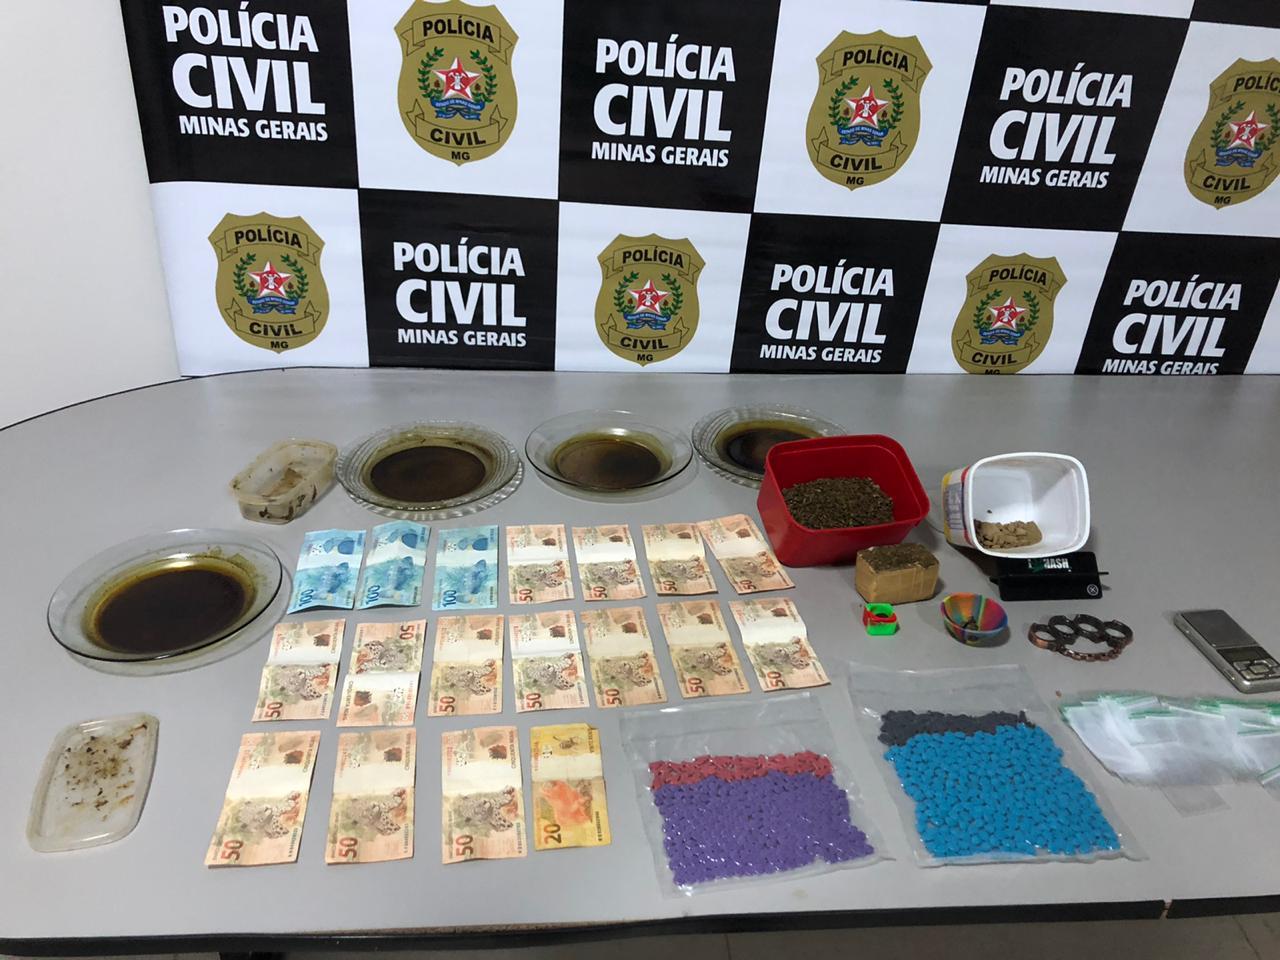 Dupla suspeita de tráfico de drogas é presa em Patos de Minas - Foto: Divulgação/PCMG